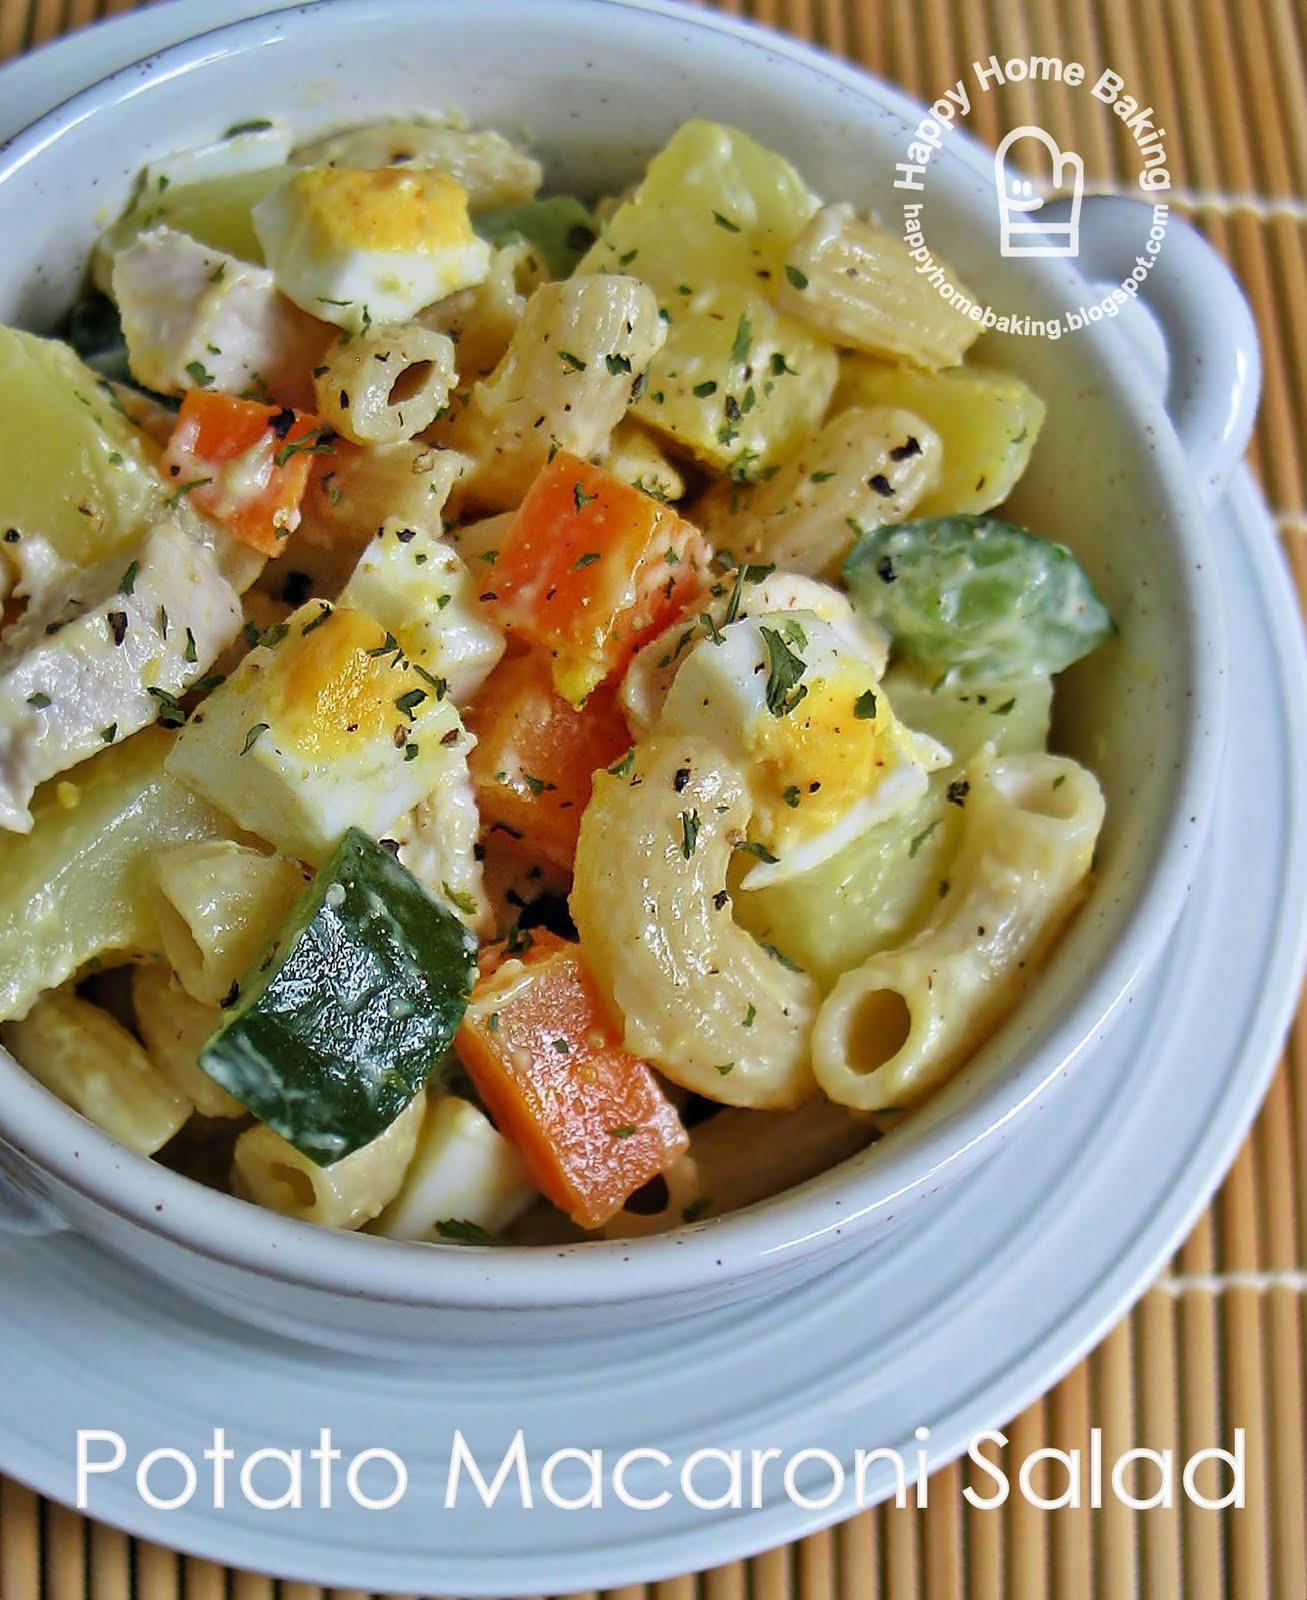 Macaroni Salad Clipart Macaroni Salad With Egg Clip